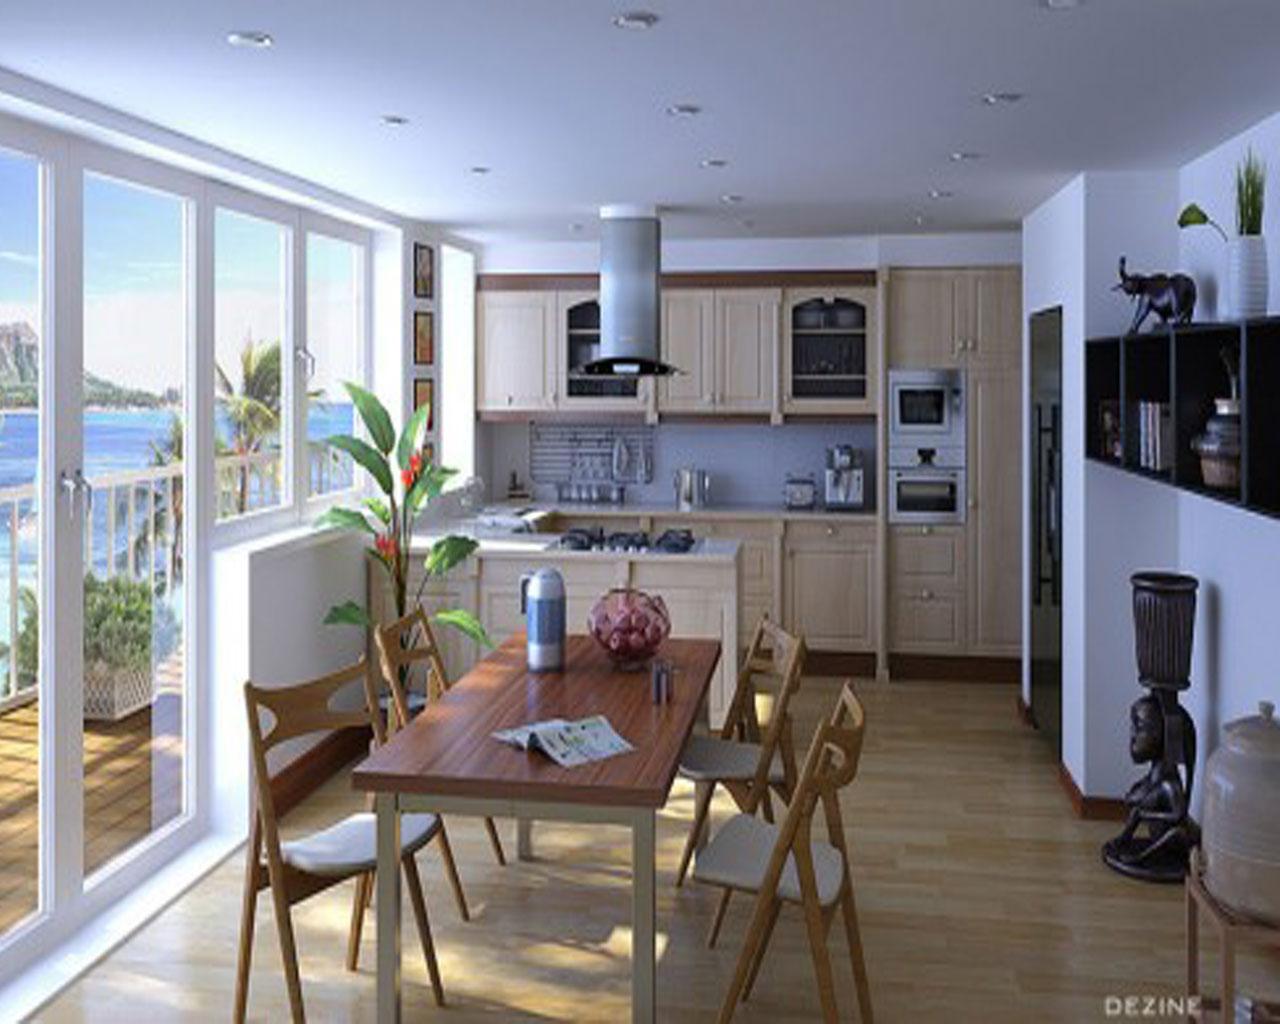 Dining room modern design wallpaper dining room ideas 2013 Dining room 1280x1024